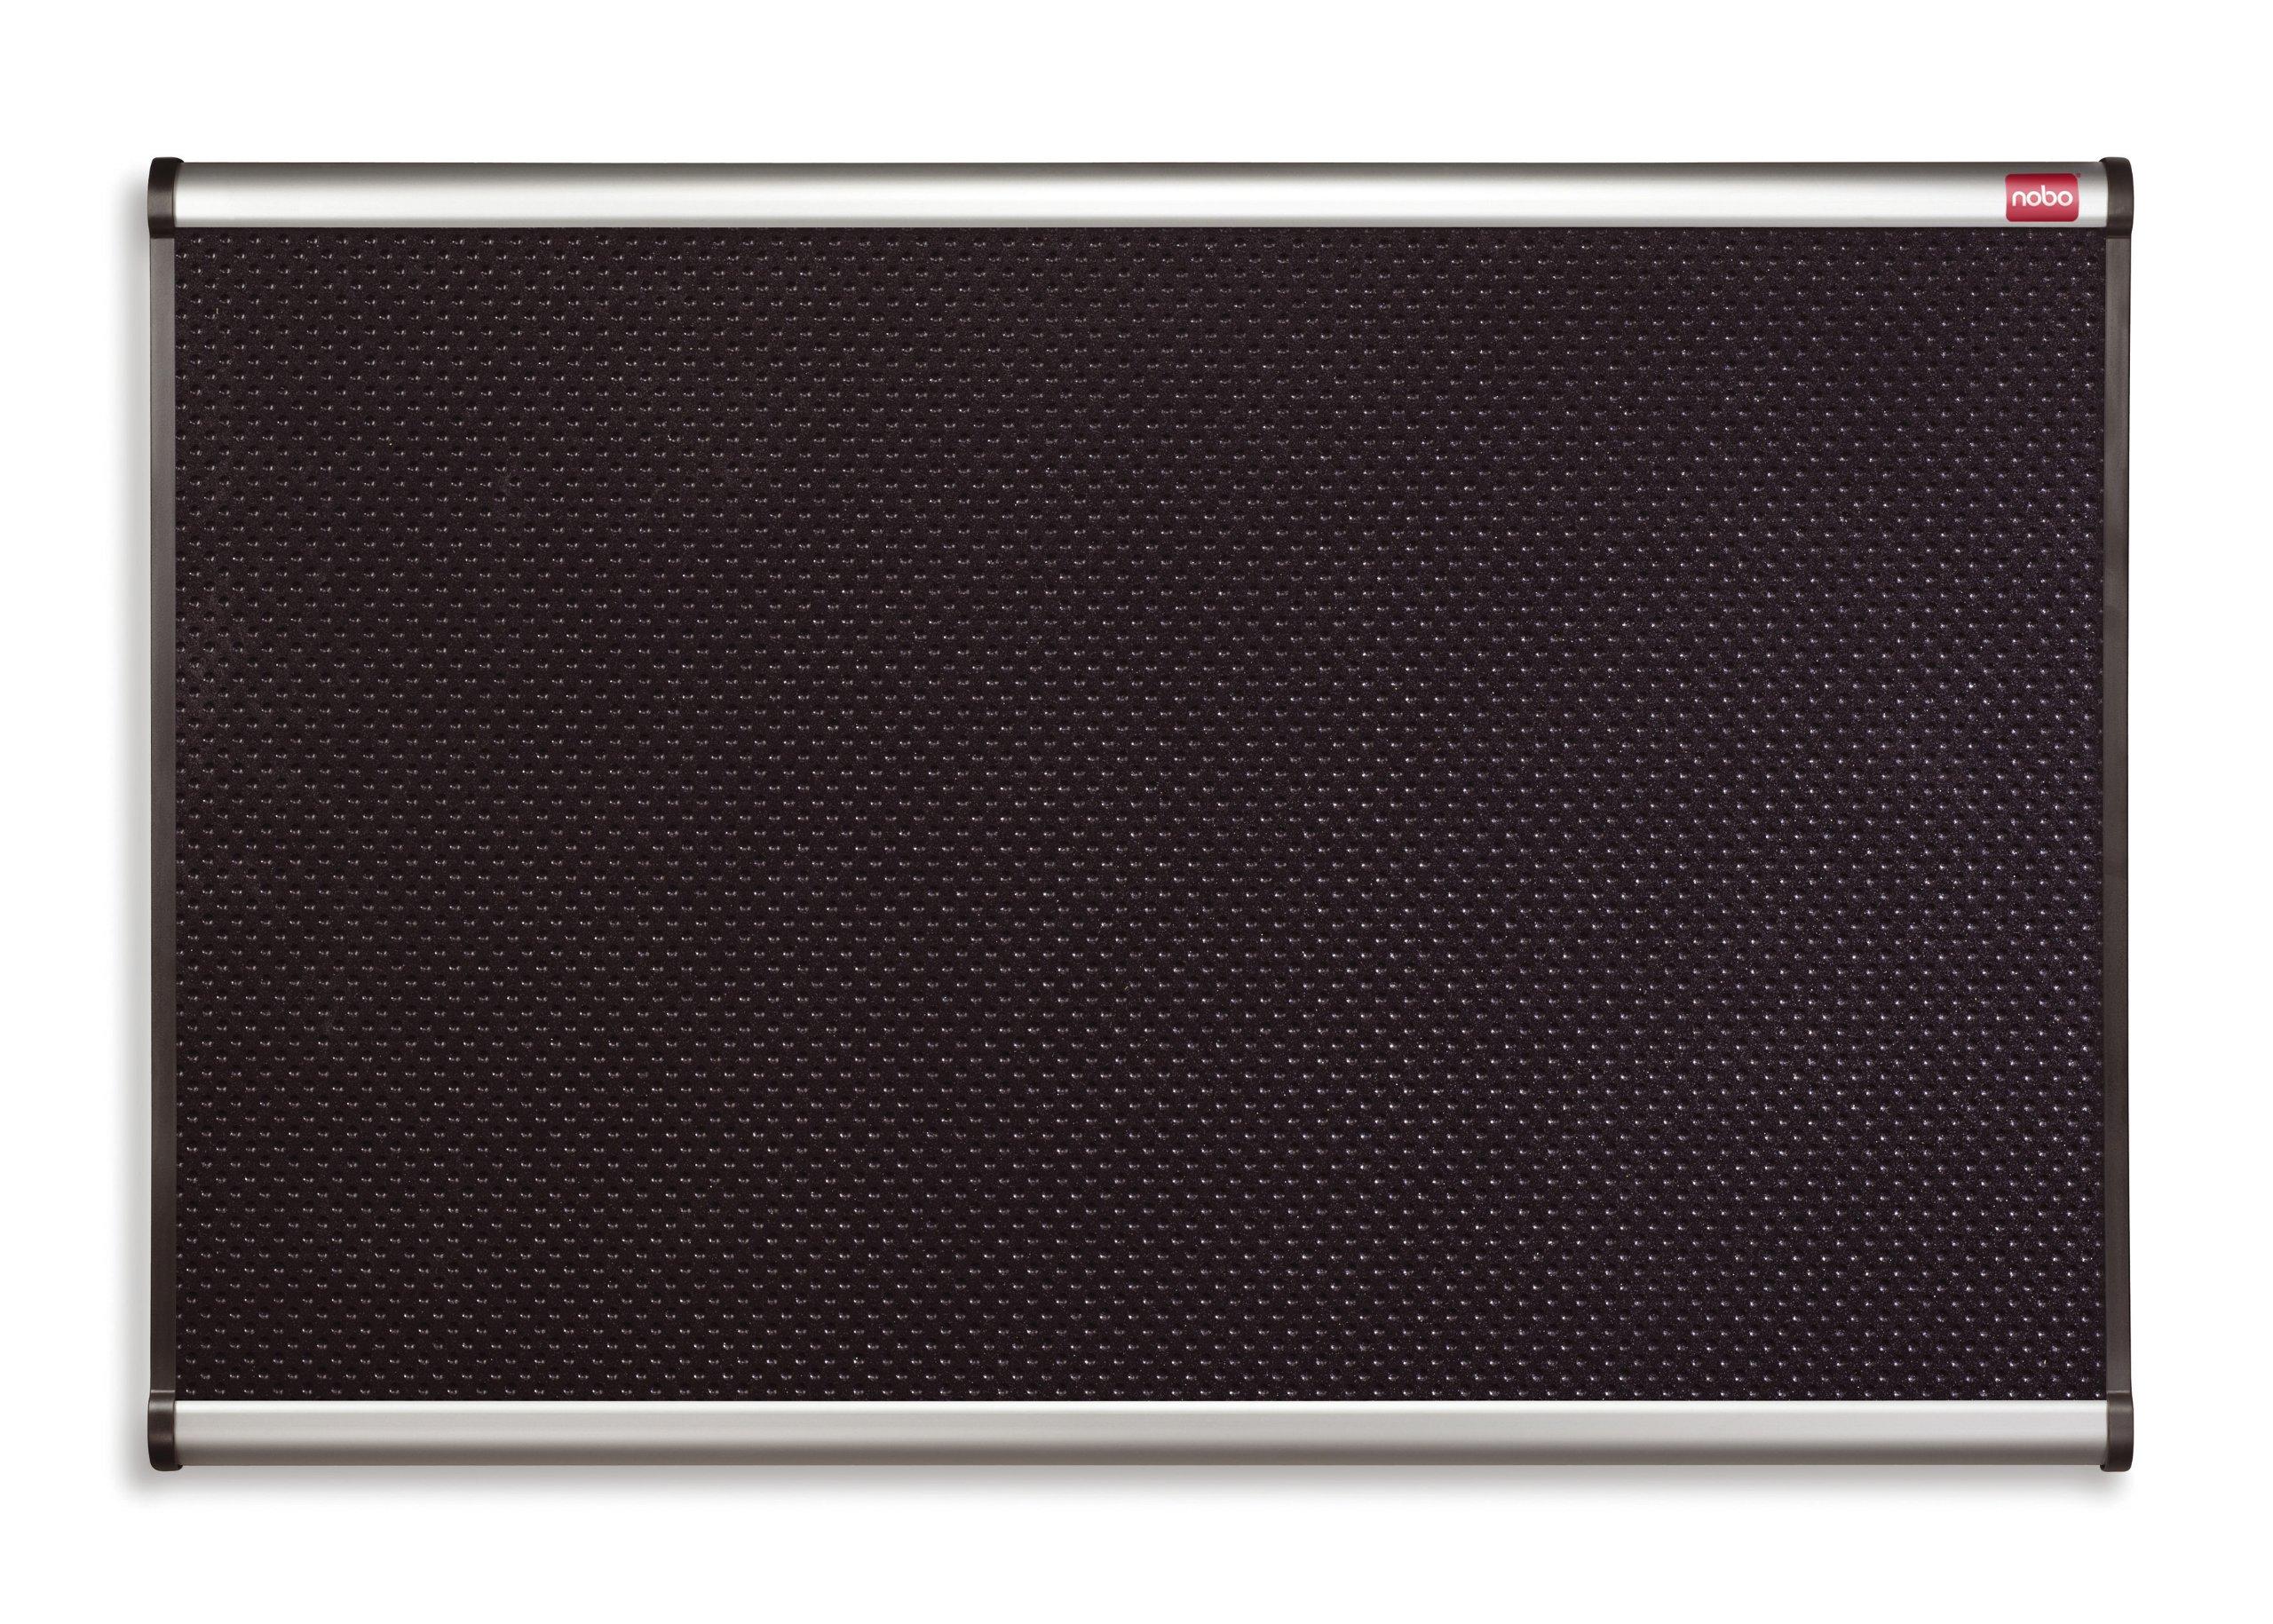 NoBo Black Foam Notice Board 1200x900mm